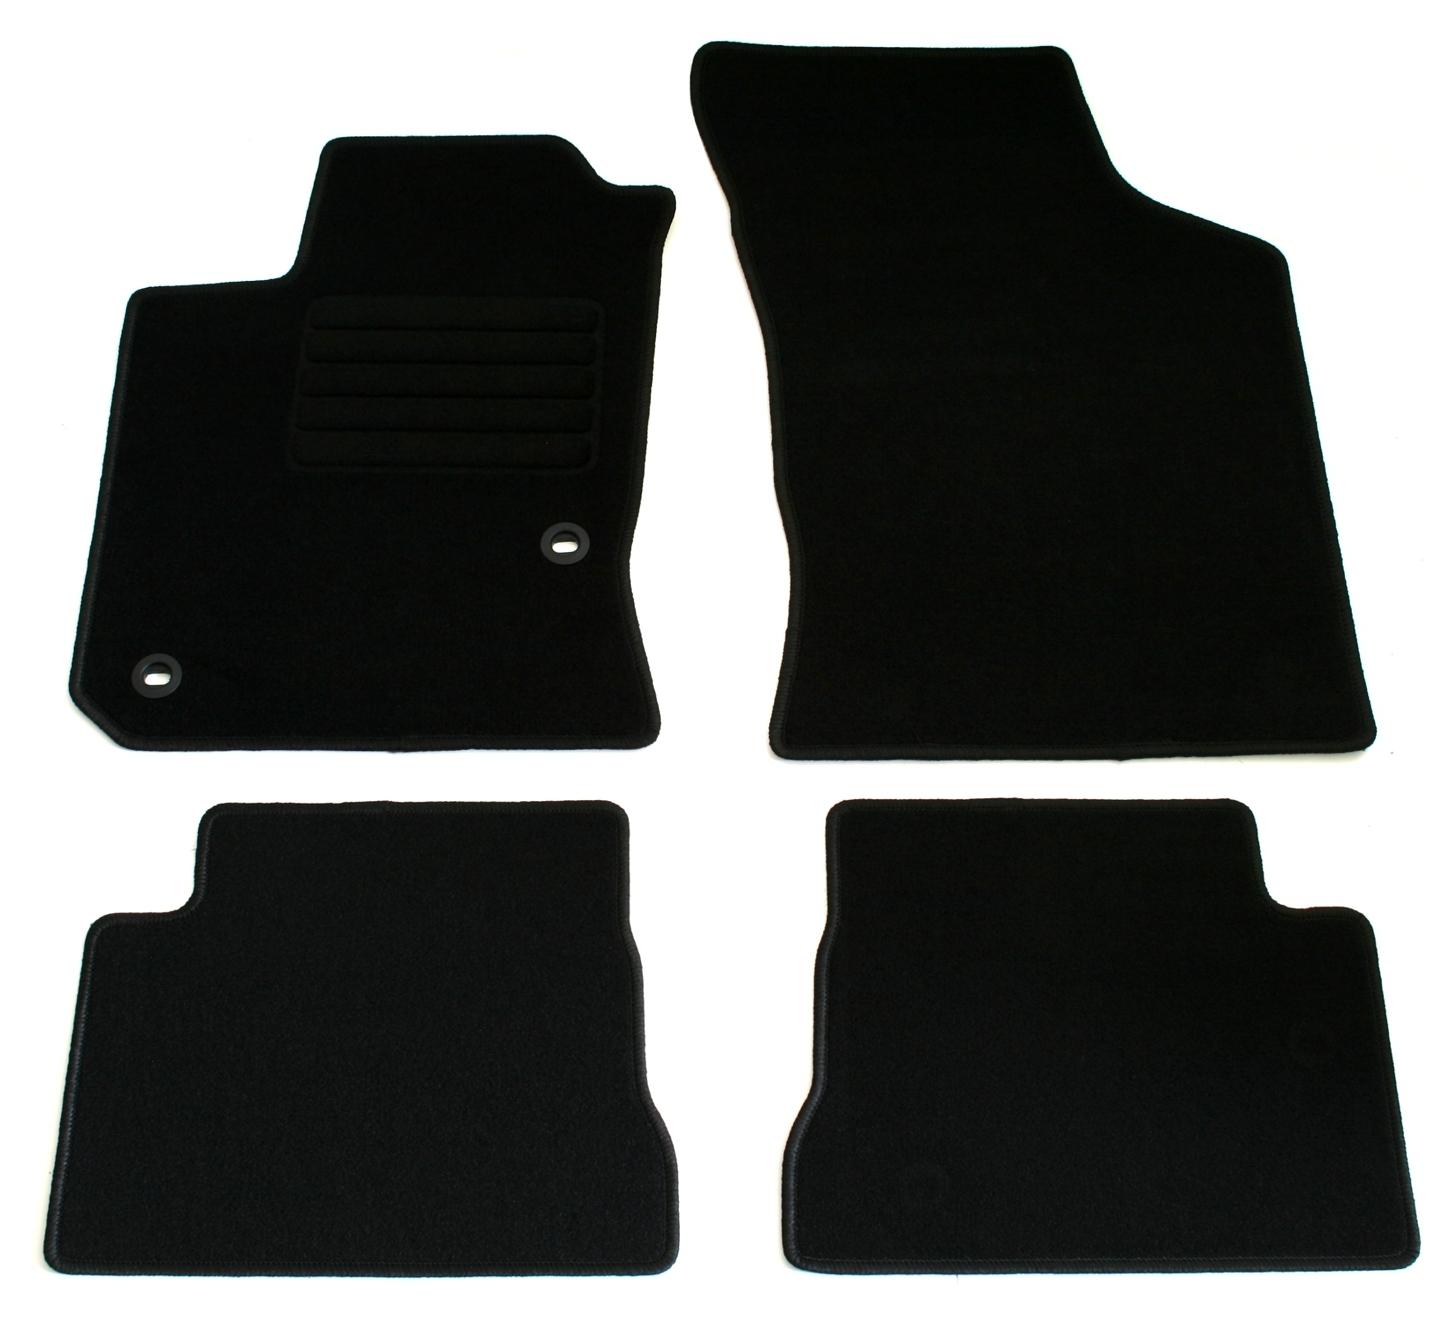 Automatten Autoteppiche Fußmatten bordeaux Hyundai Getz 2002 bis 2009 3 /& 5 trg